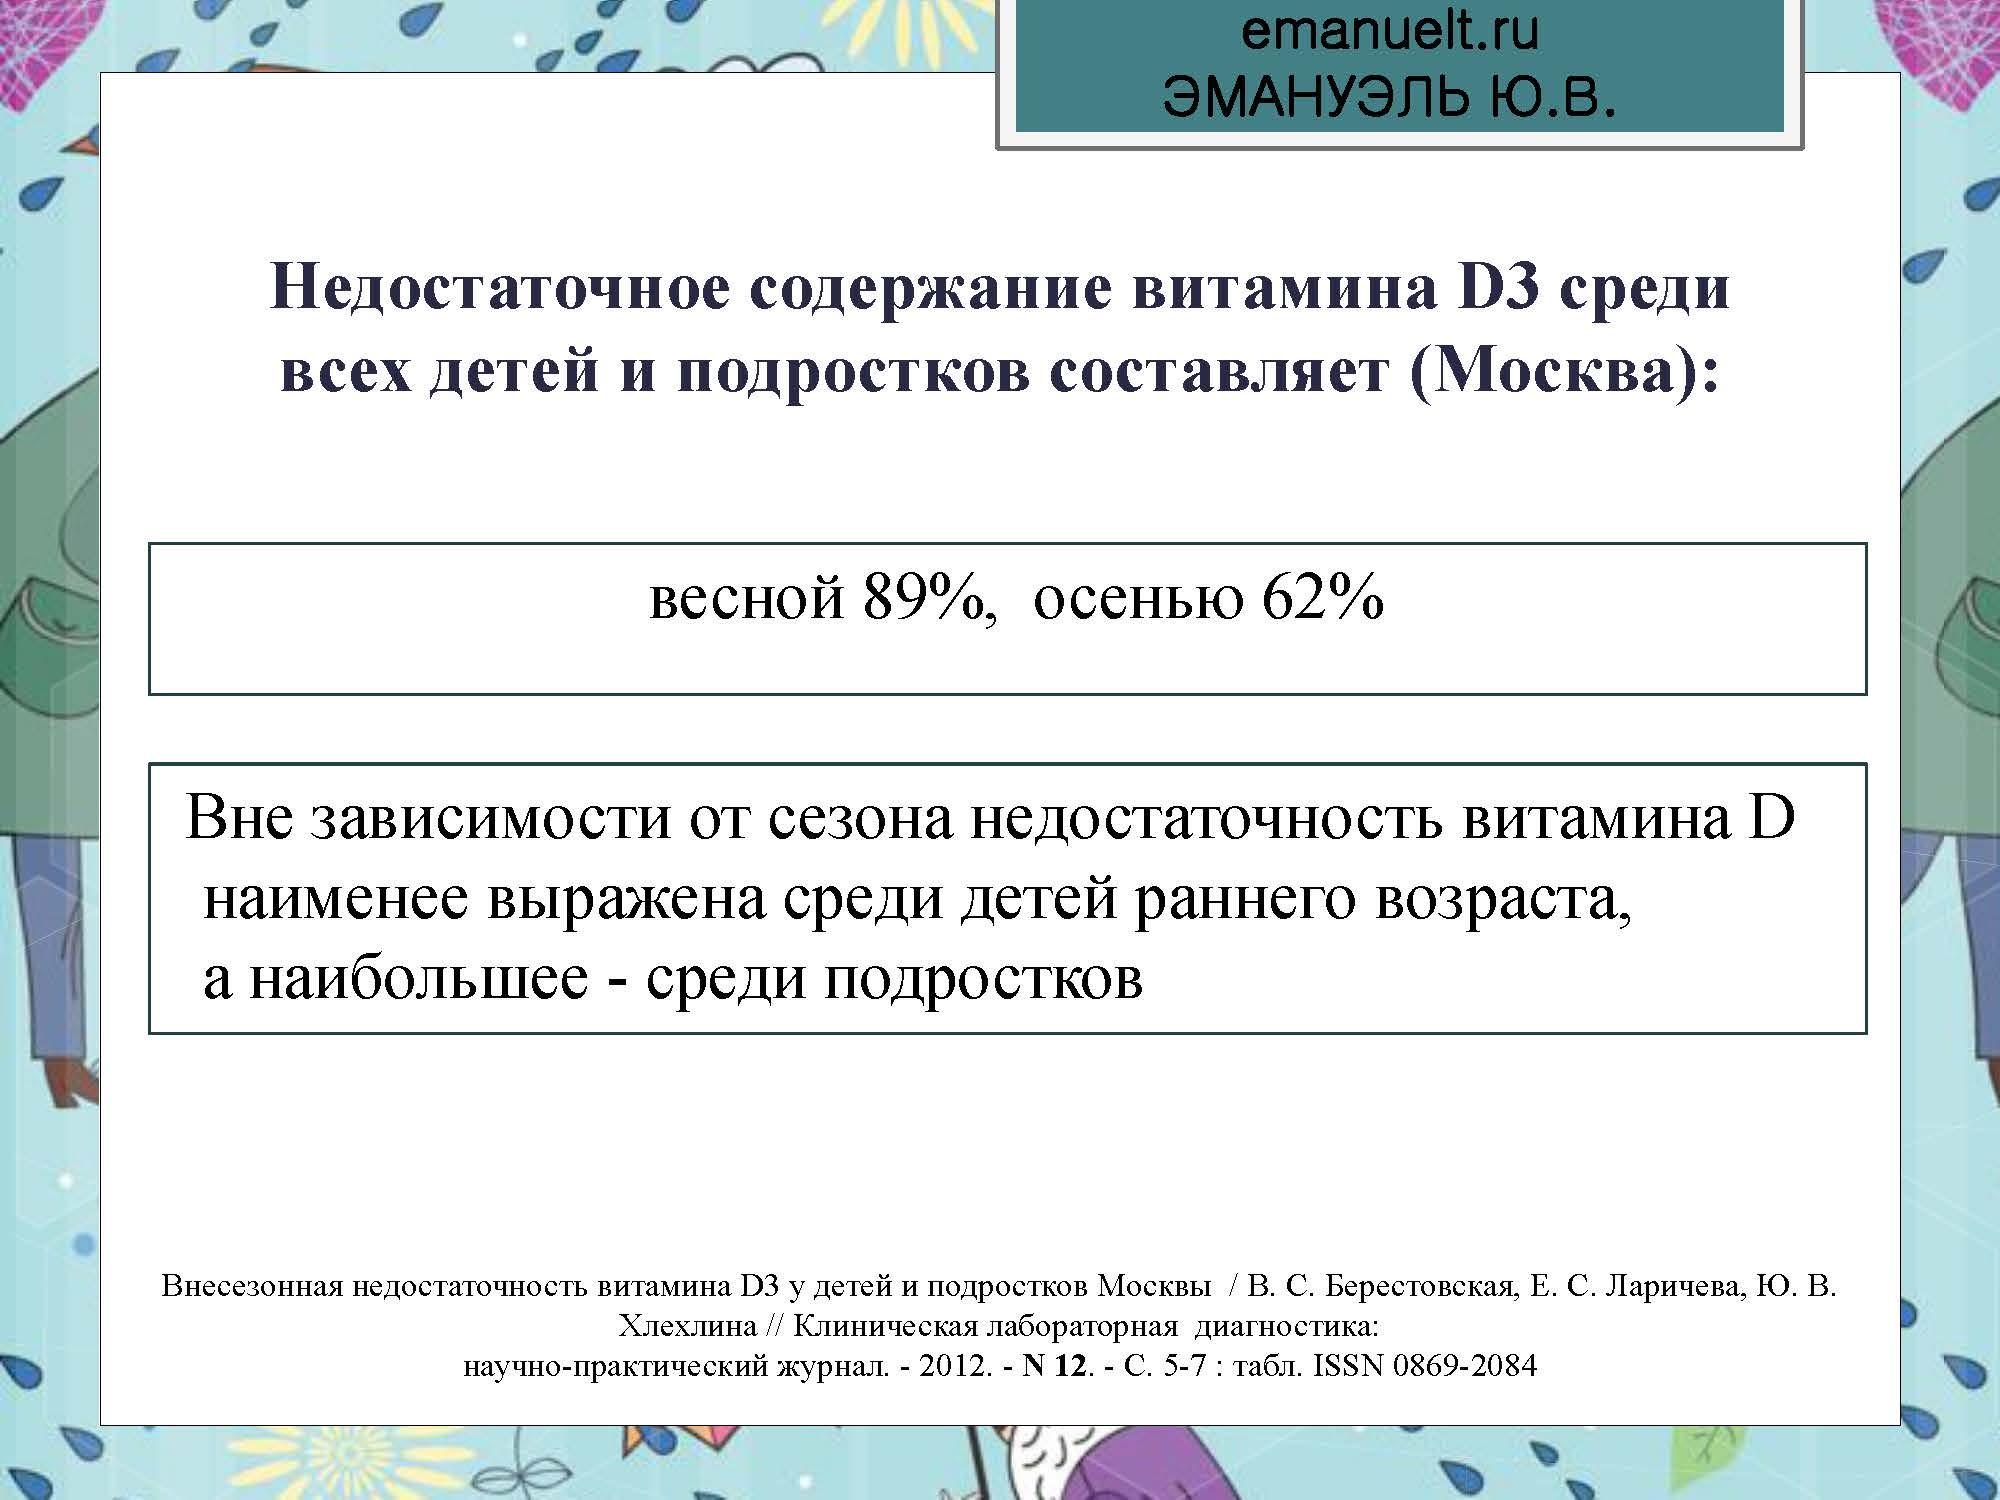 Секция 8. ЭЮВ. СПбГМУ.  26.03_Страница_25